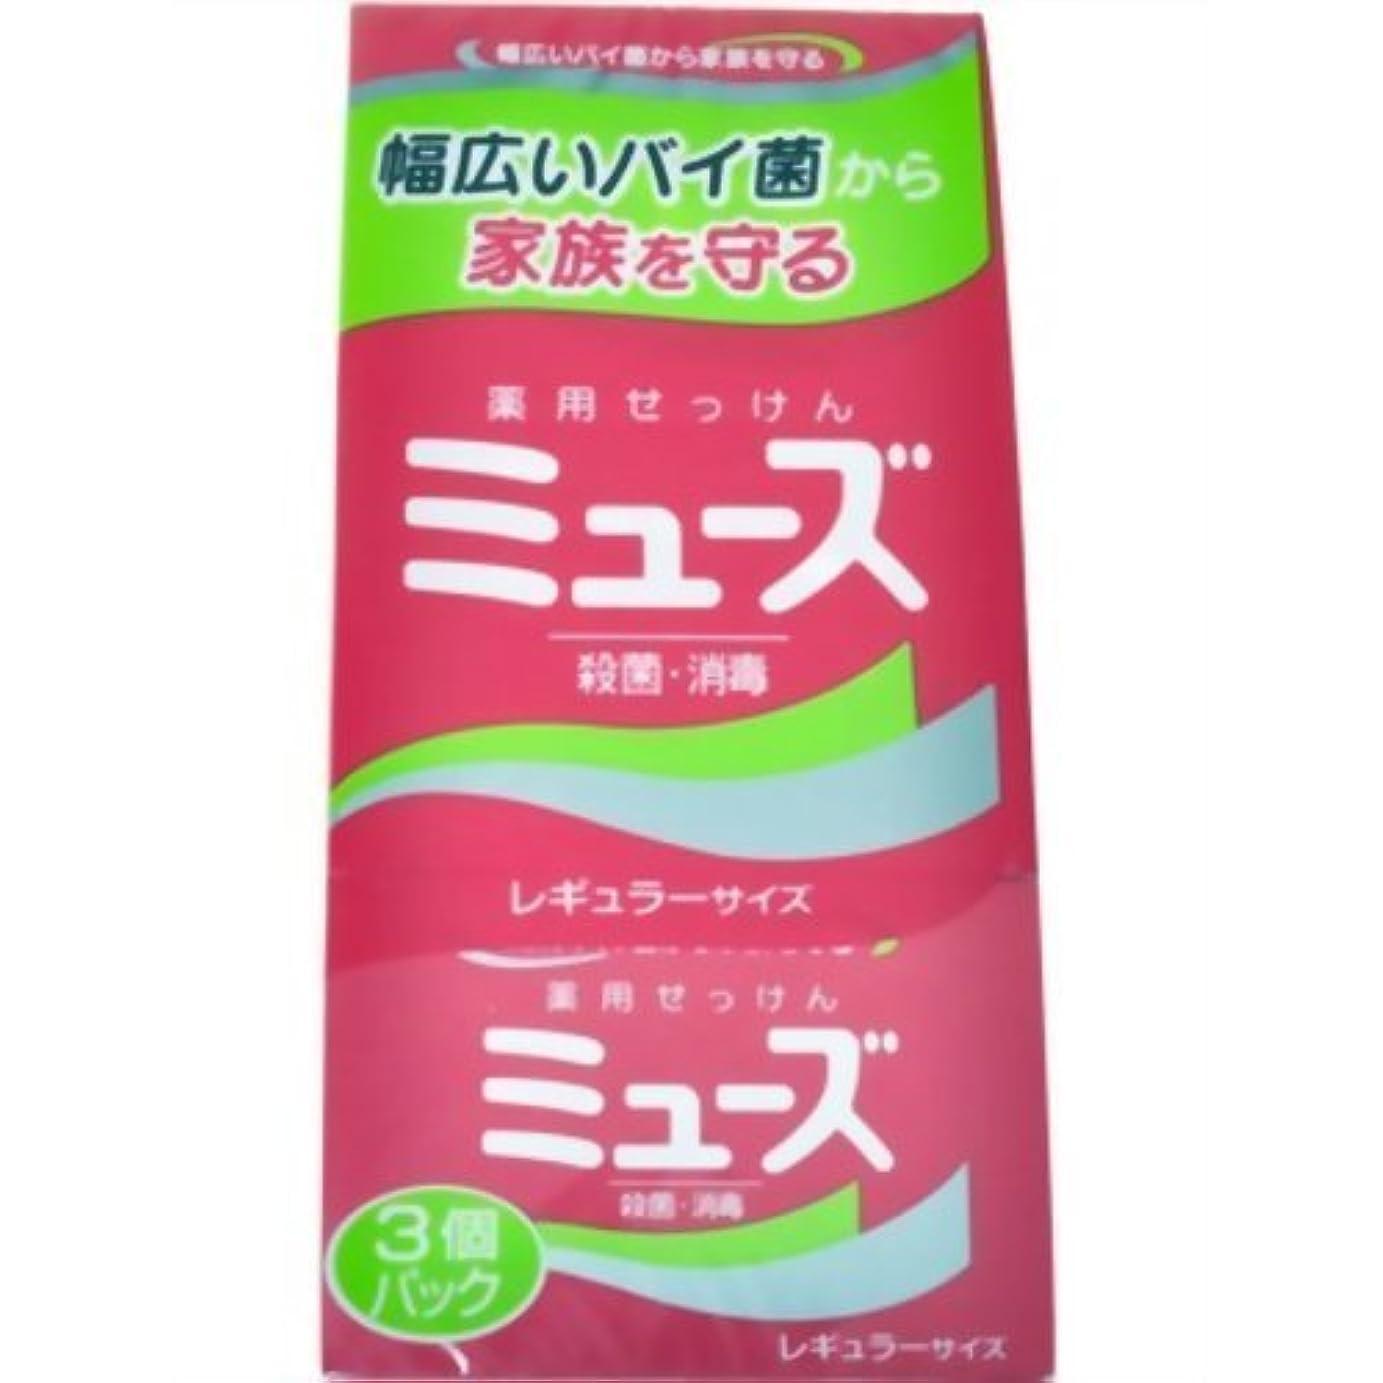 パンサーアンプ難民ミューズ石鹸 レギュラー 3P ×10個セット